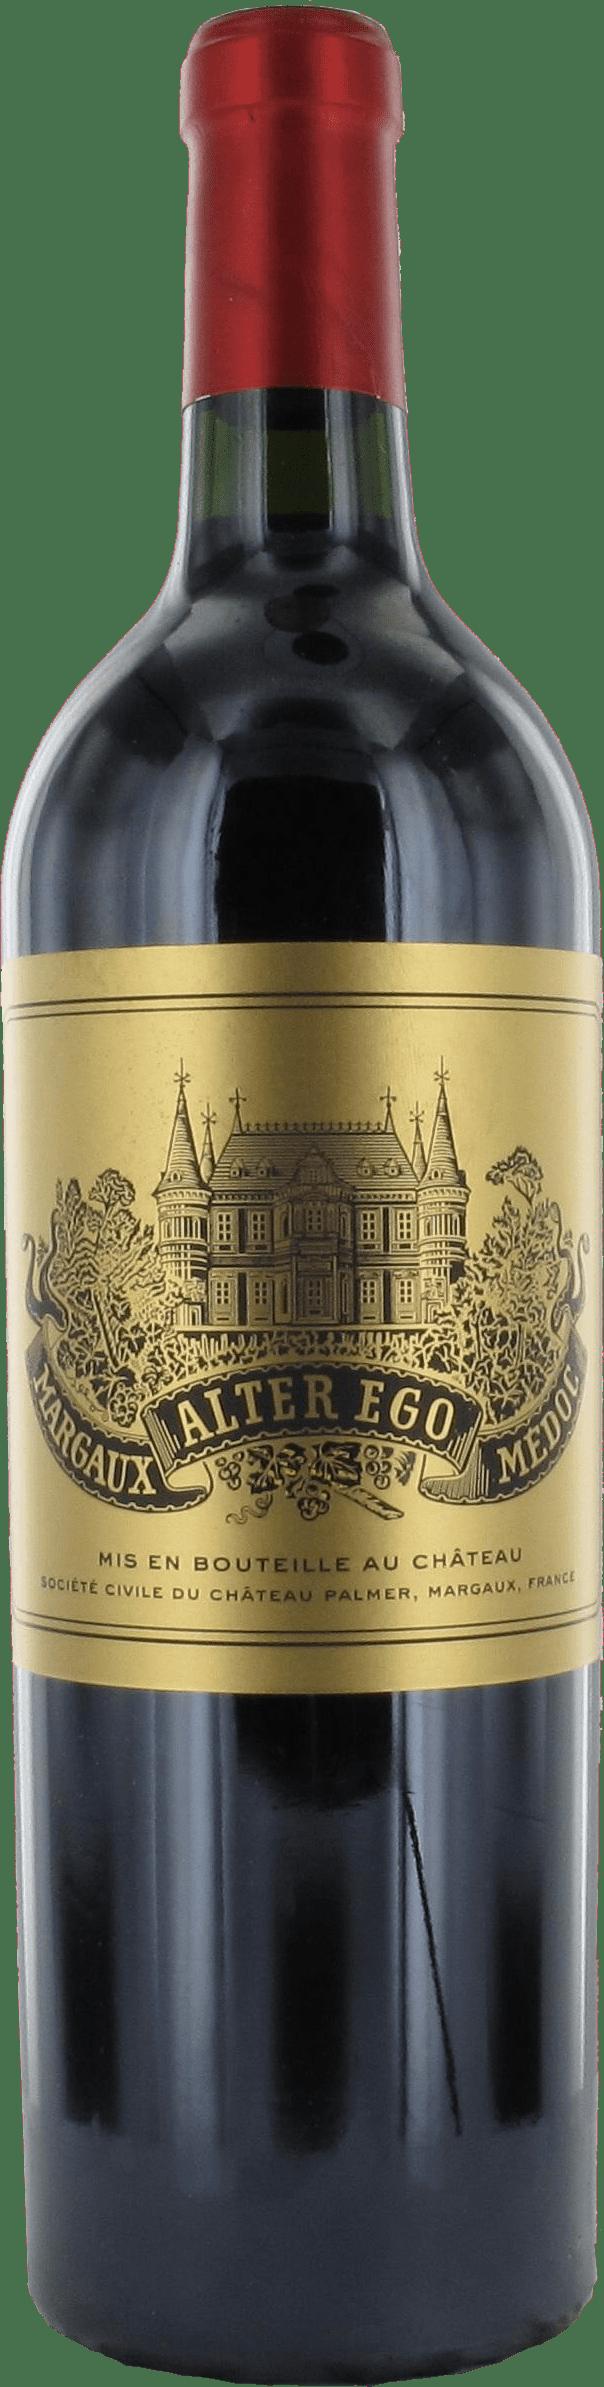 Wine egovin EGOVIN: Reader